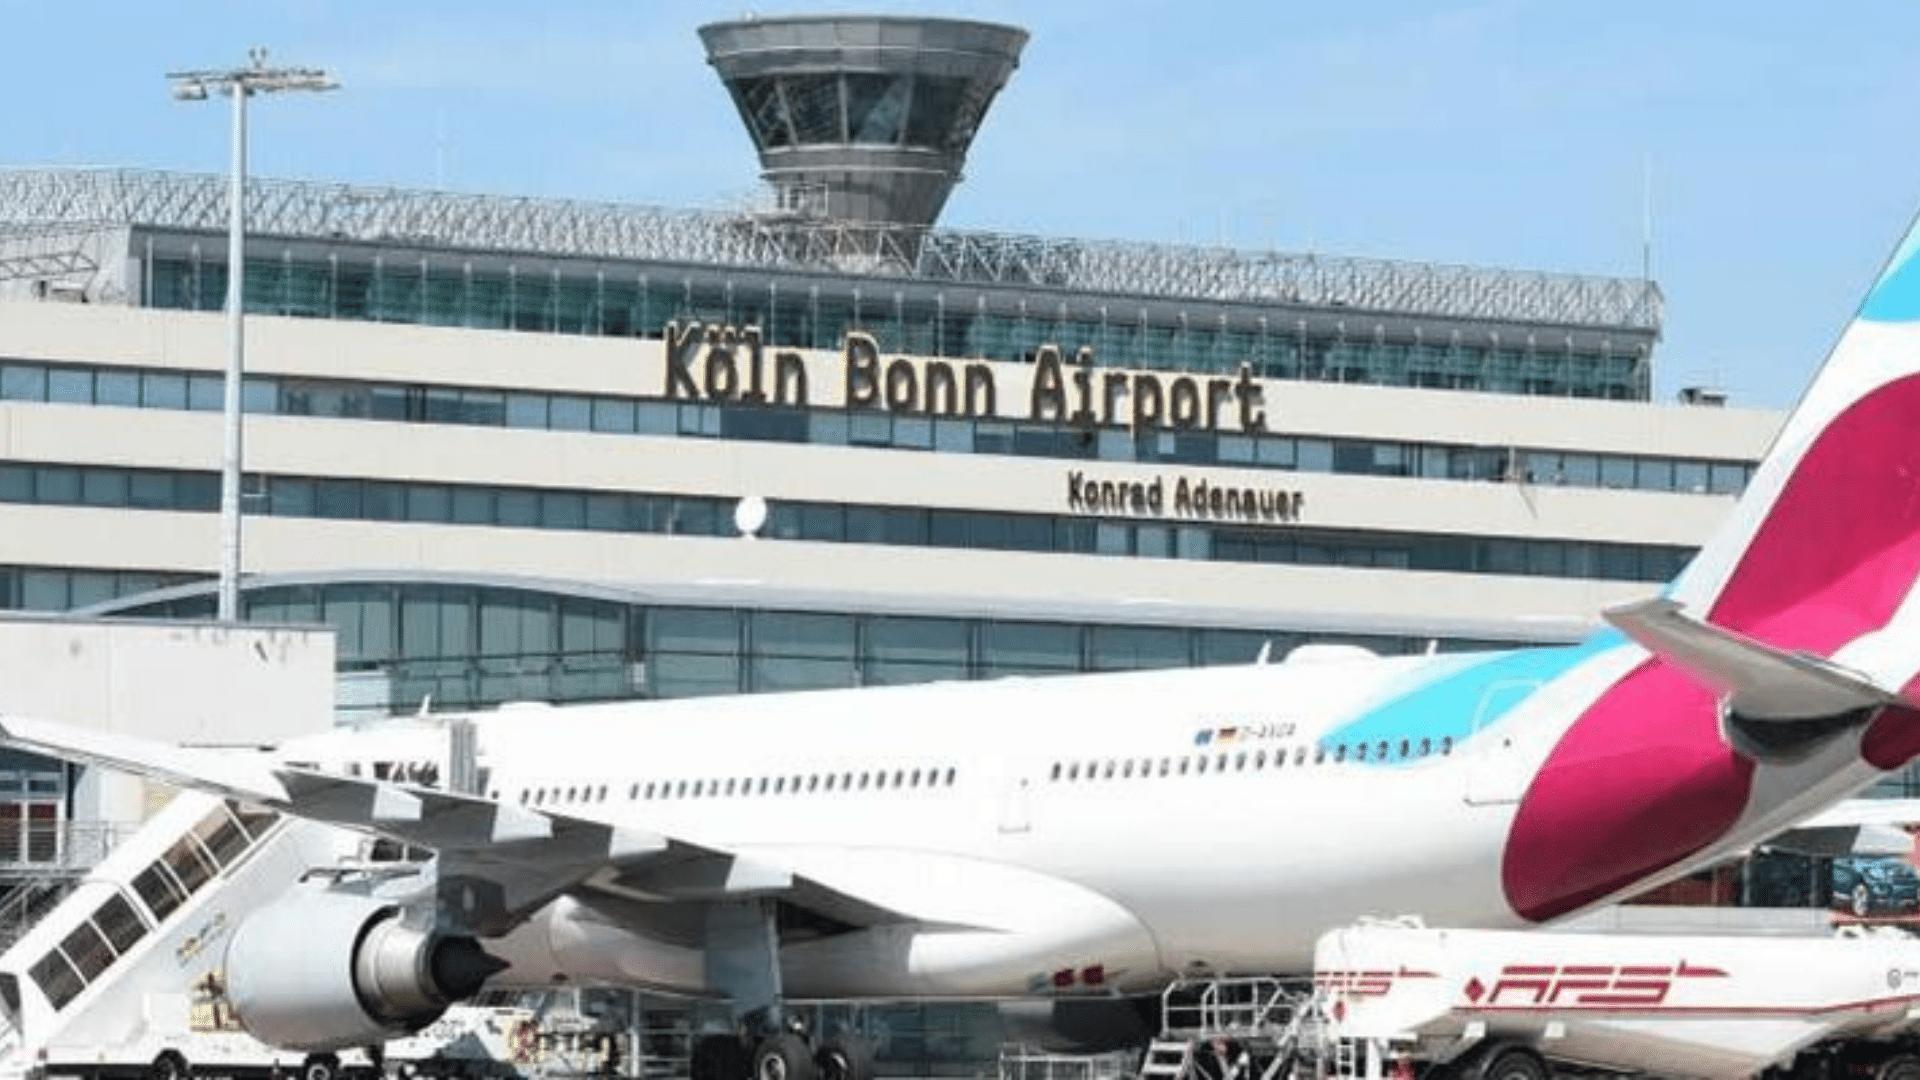 Köln Bonn Airport